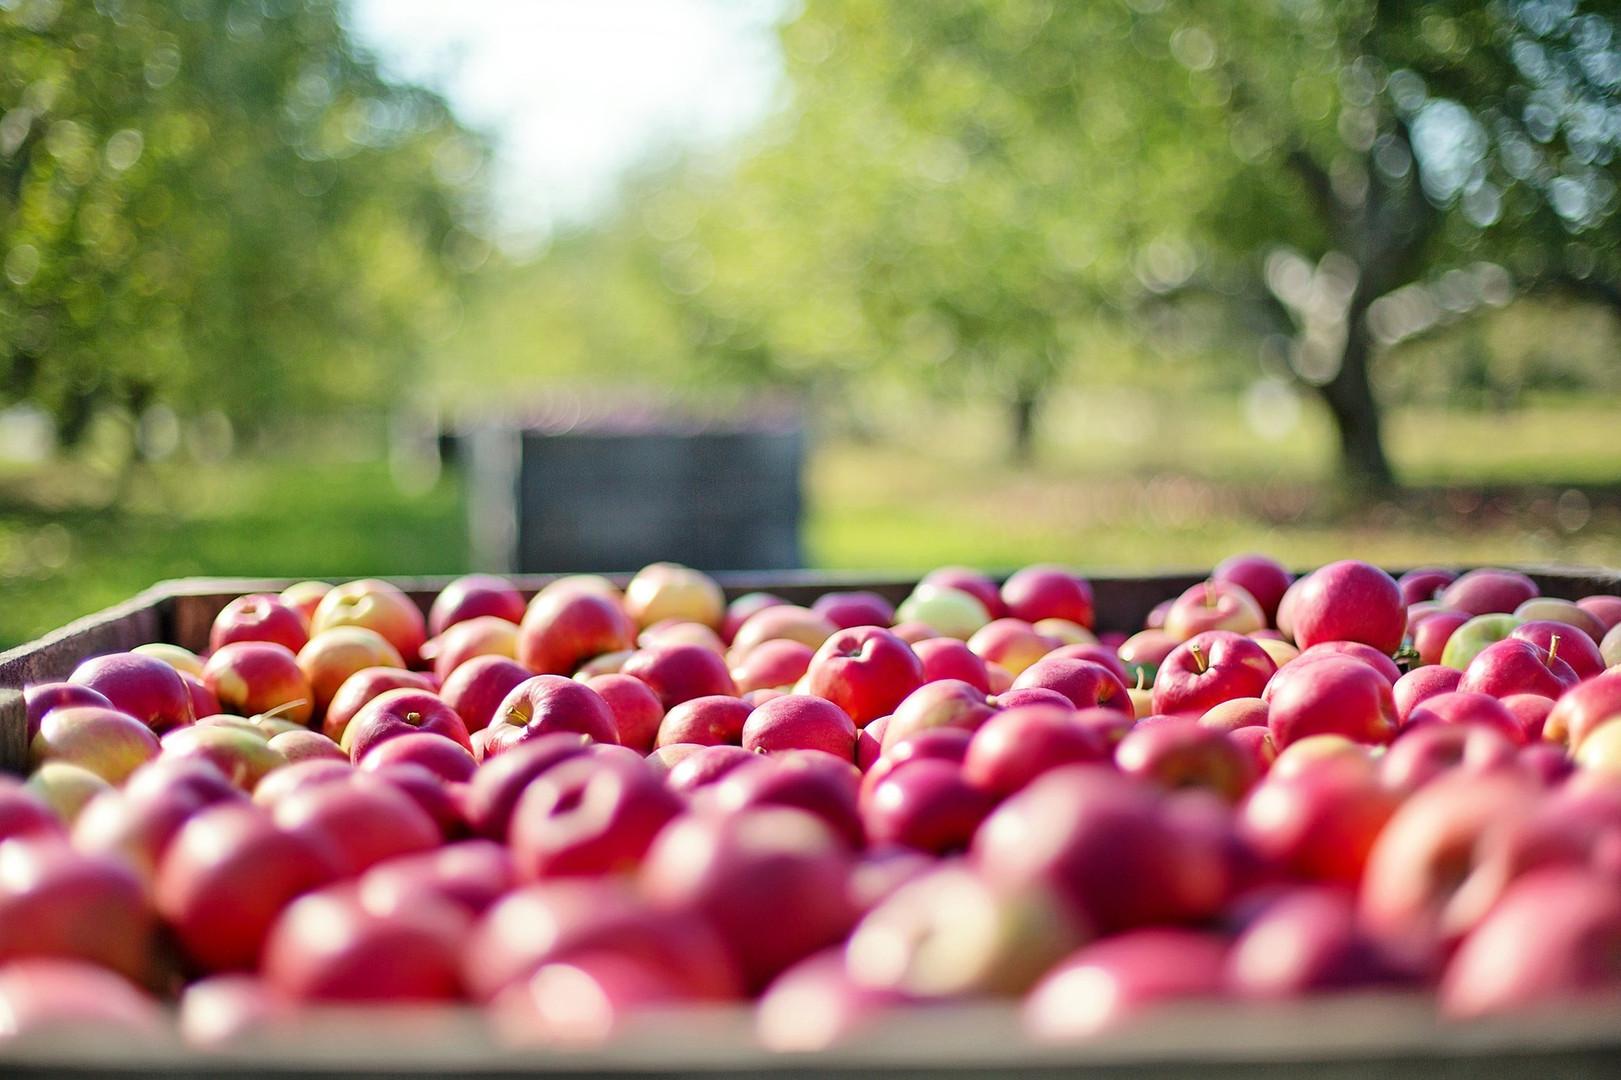 apples transportation